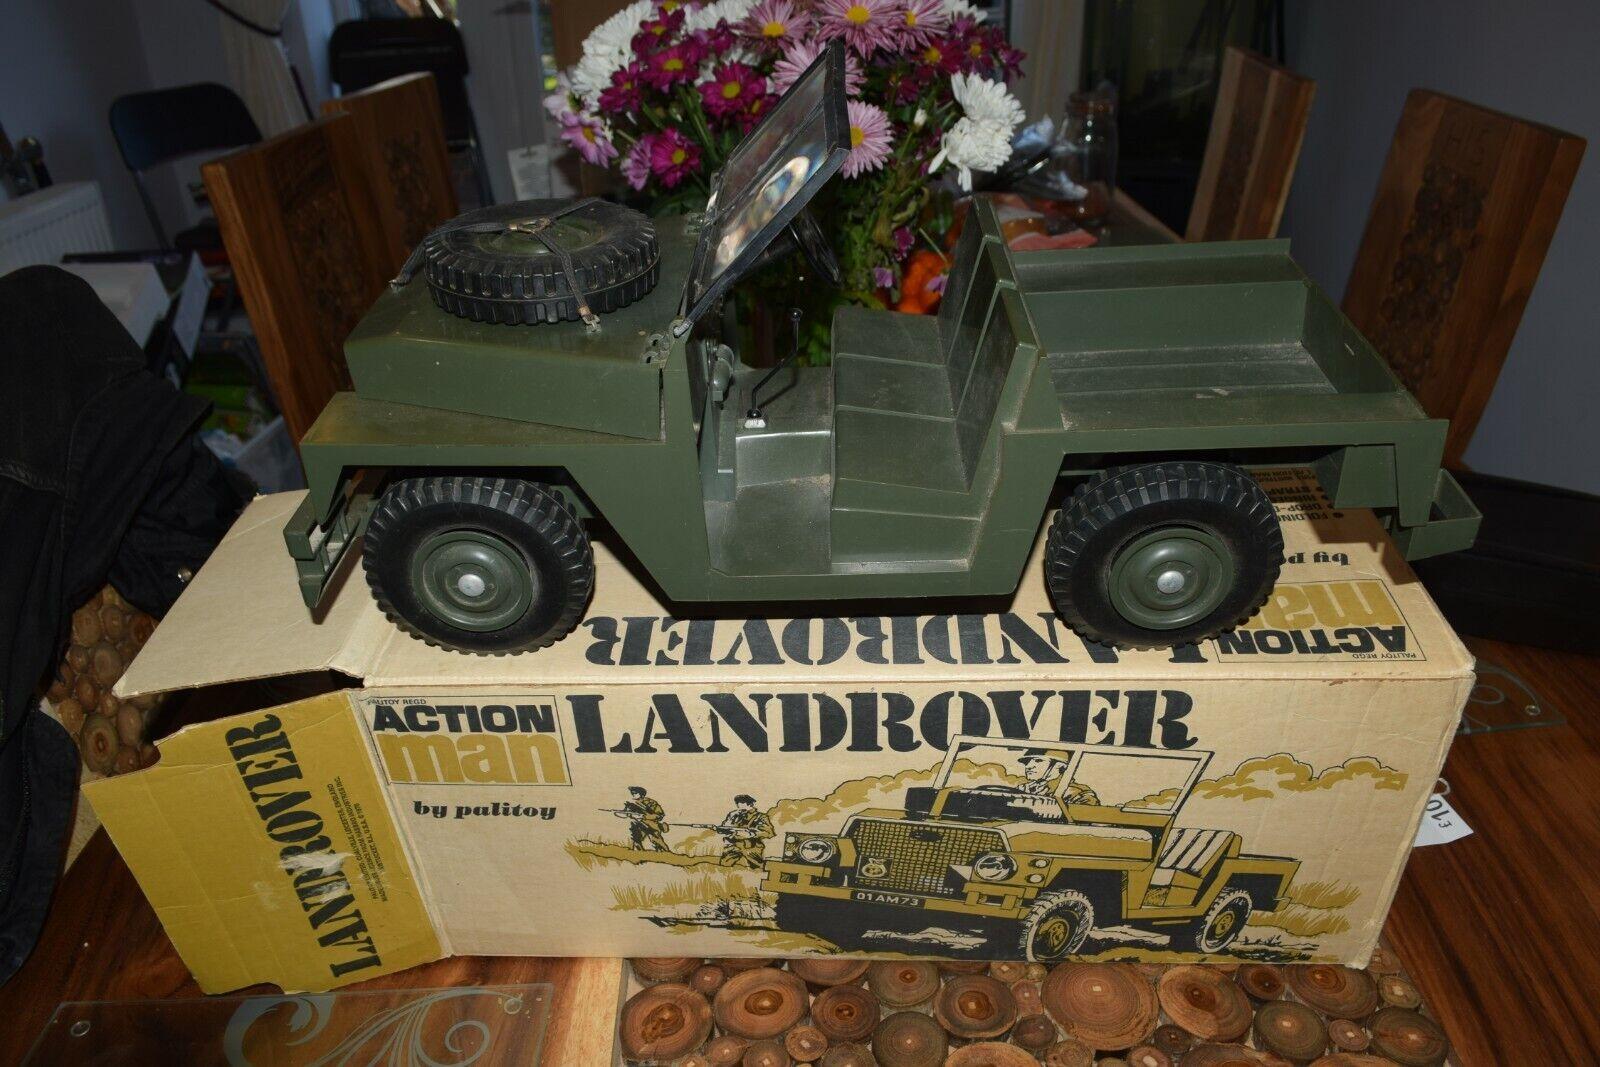 sin mínimo PALITOY Acción MAN Vintage Land Rover Rover Rover en Caja 70s Original Excelente Con Estrellas  cómodamente